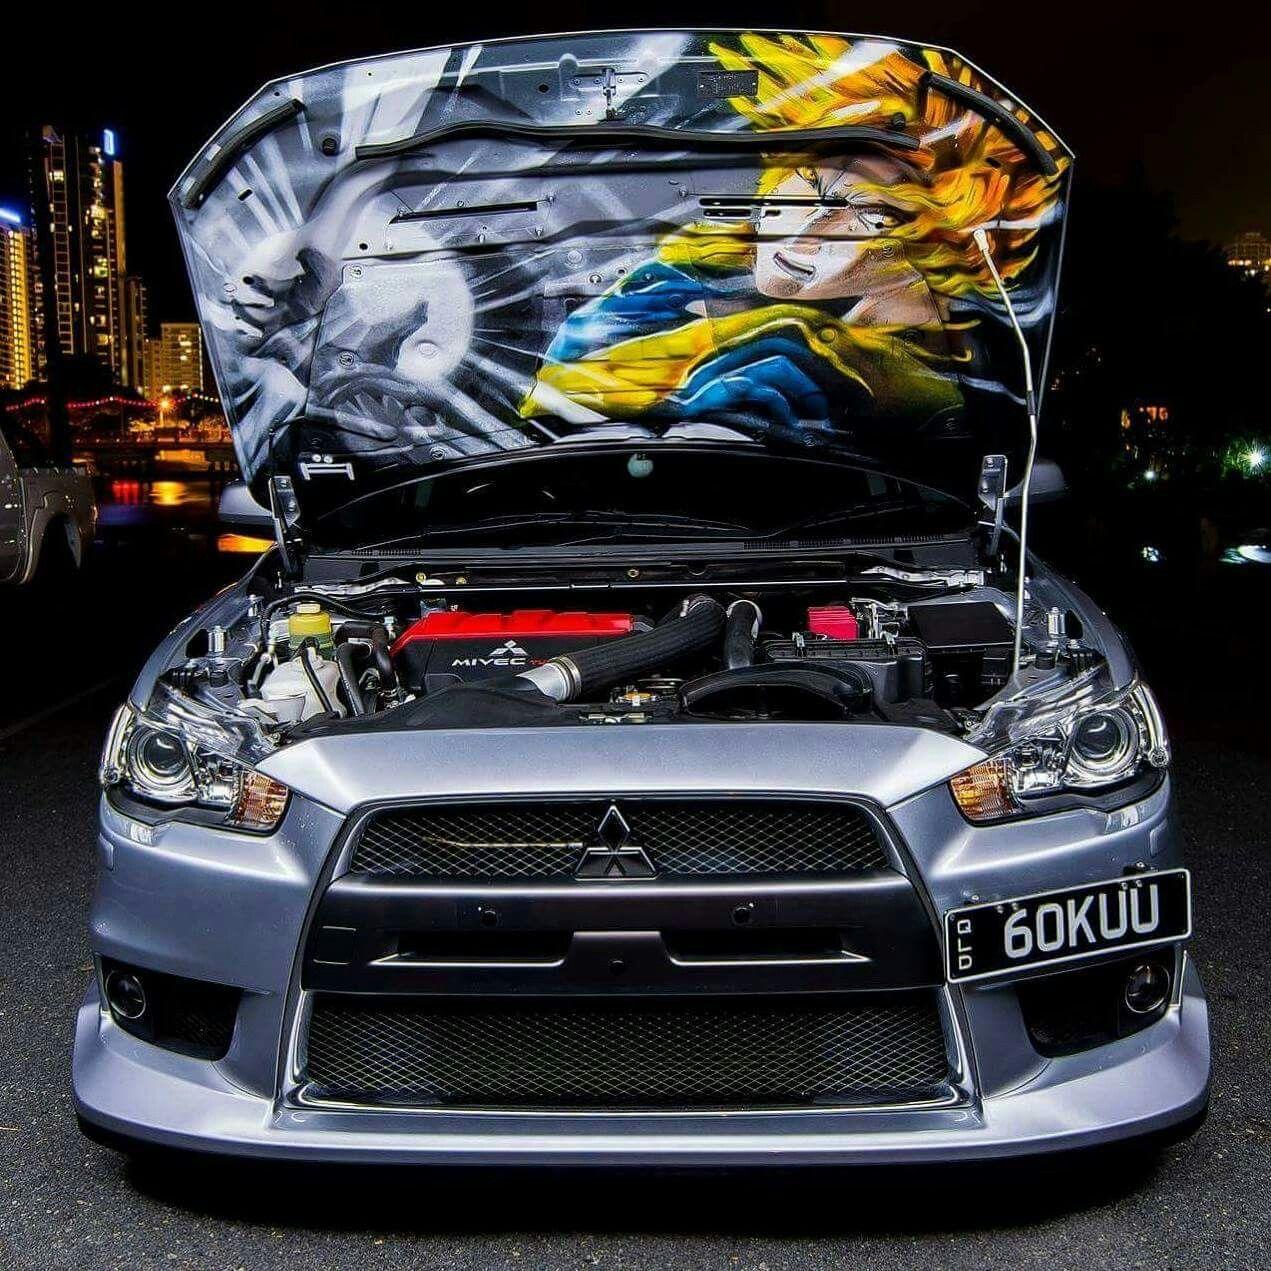 Mitsubishi Lancer EVO X  Sport cars  Pinterest  Mitsubishi